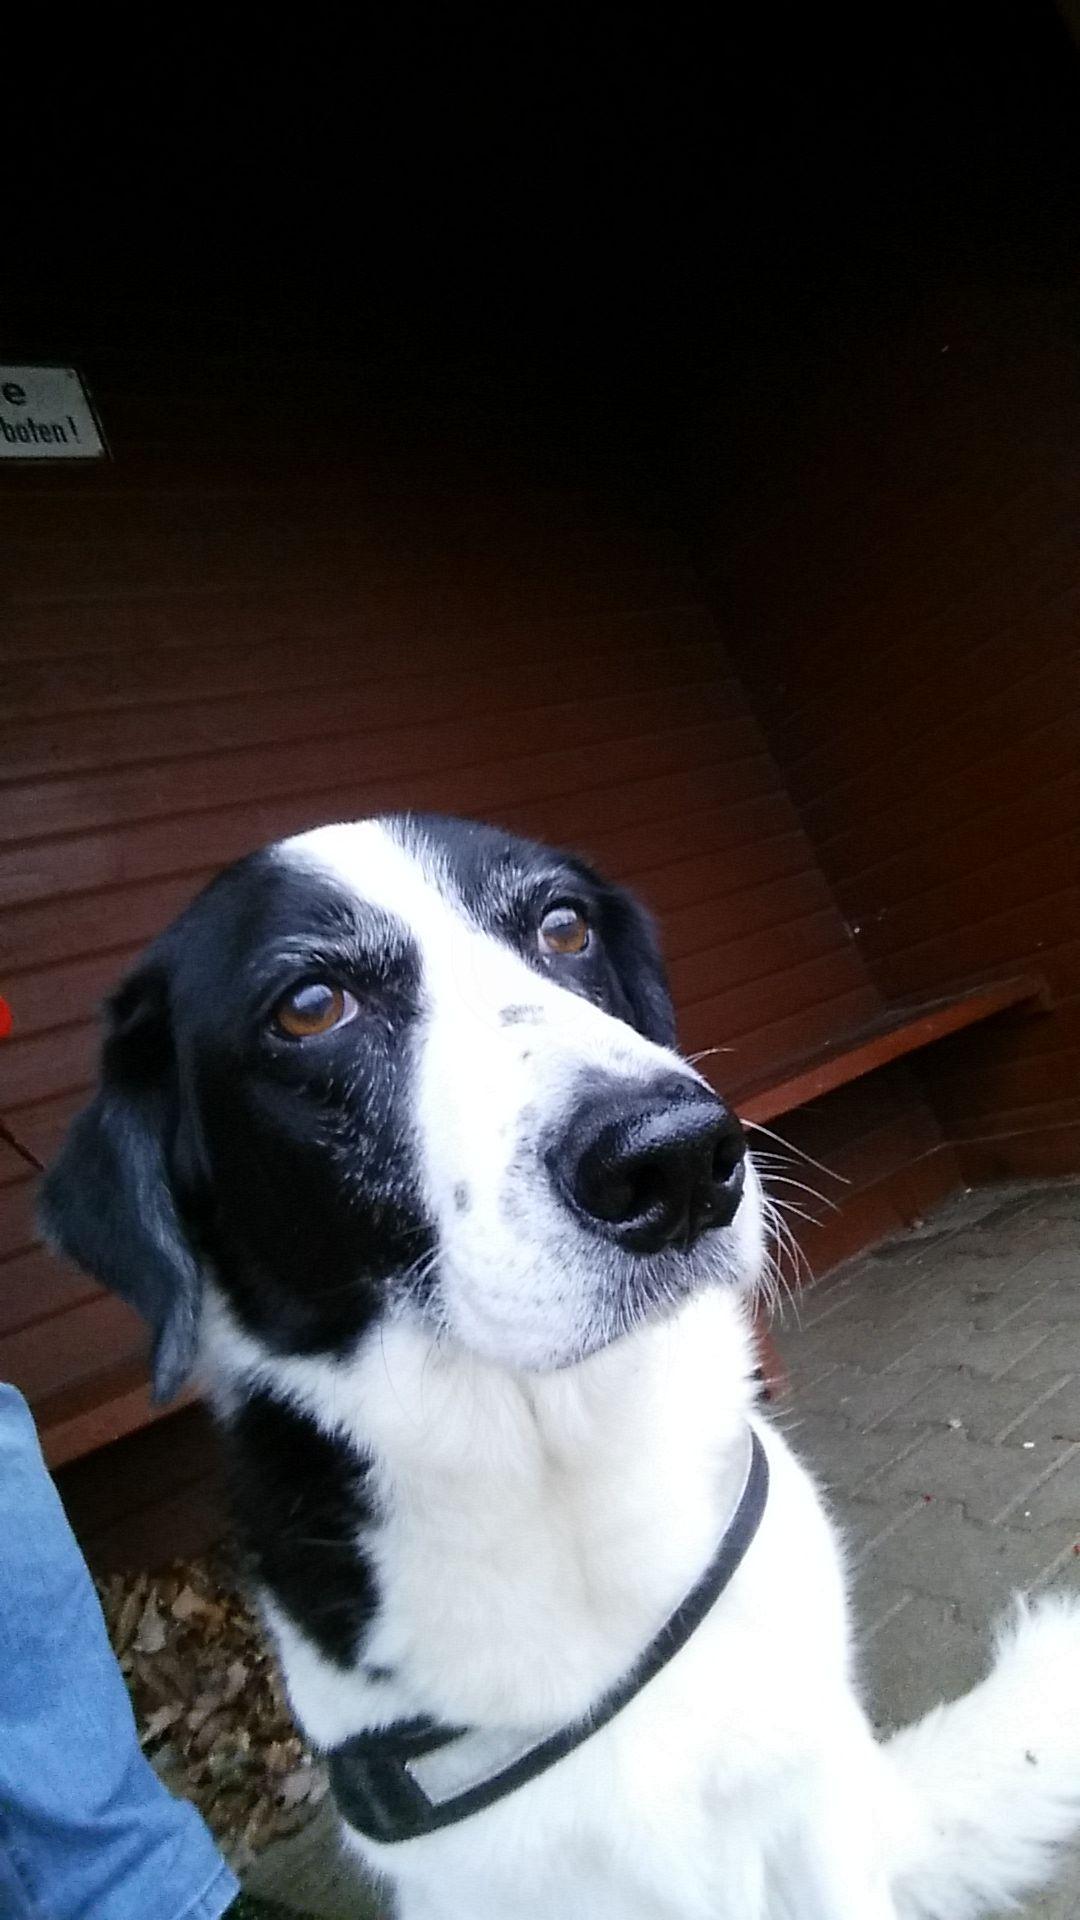 Hunde Foto: Ralf und Afra - Geht es jetzt los ....... Hier Dein Bild hochladen: http://ichliebehunde.com/hund-des-tages  #hund #hunde #hundebild #hundebilder #dog #dogs #dogfun  #dogpic #dogpictures